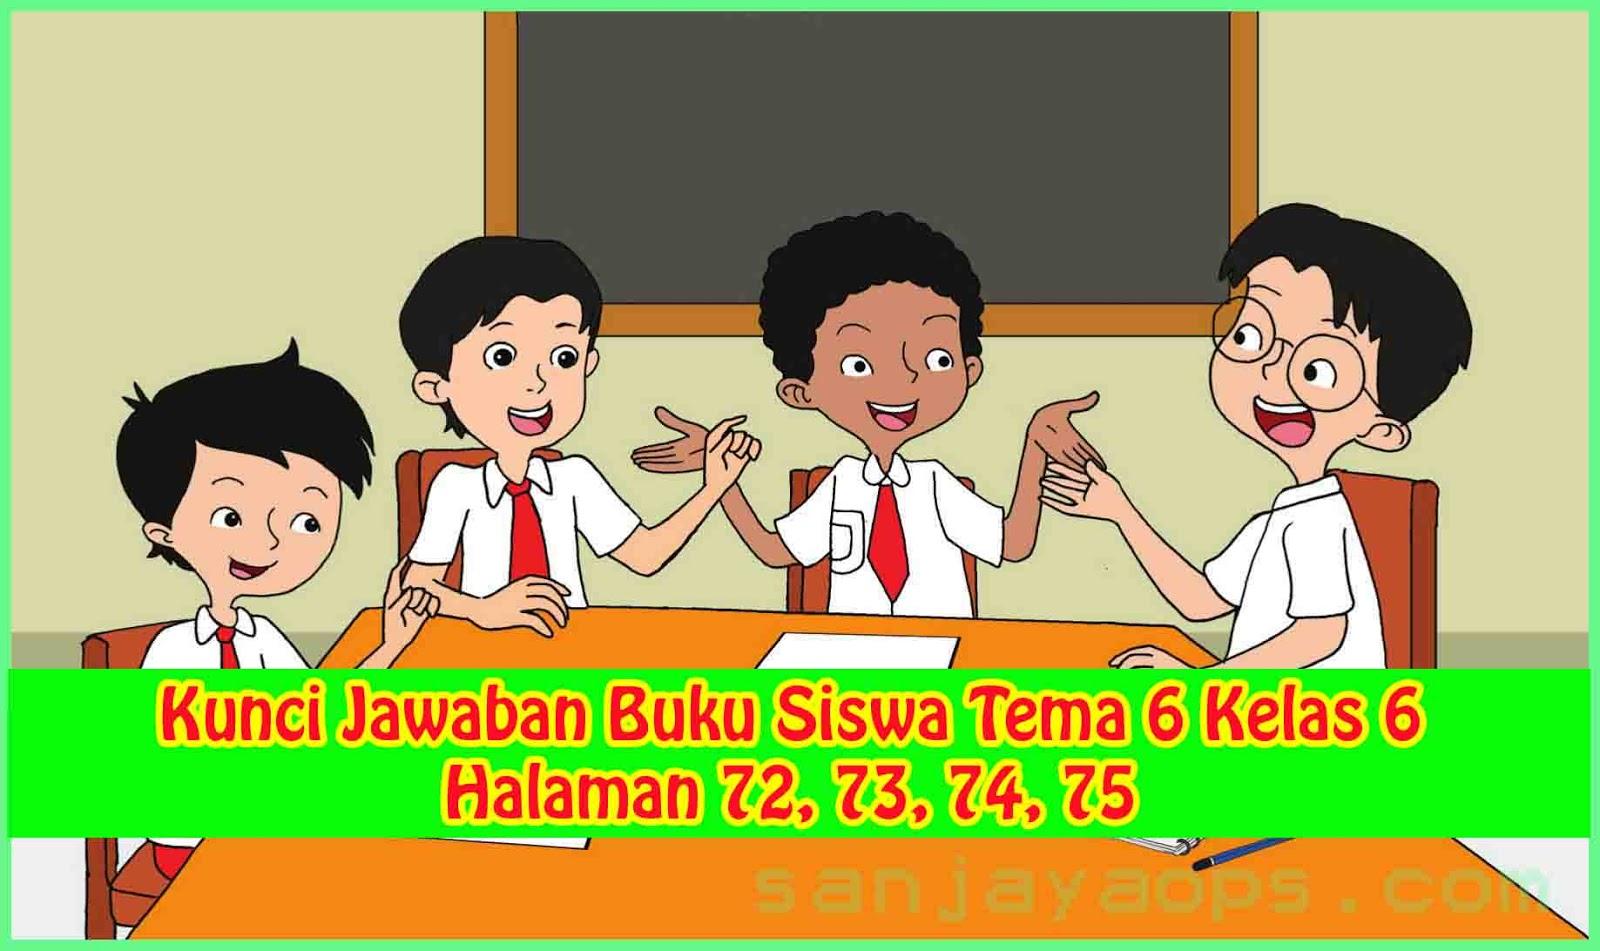 Kunci Jawaban Buku Siswa Tema 6 Kelas 6 Halaman 72 73 74 75